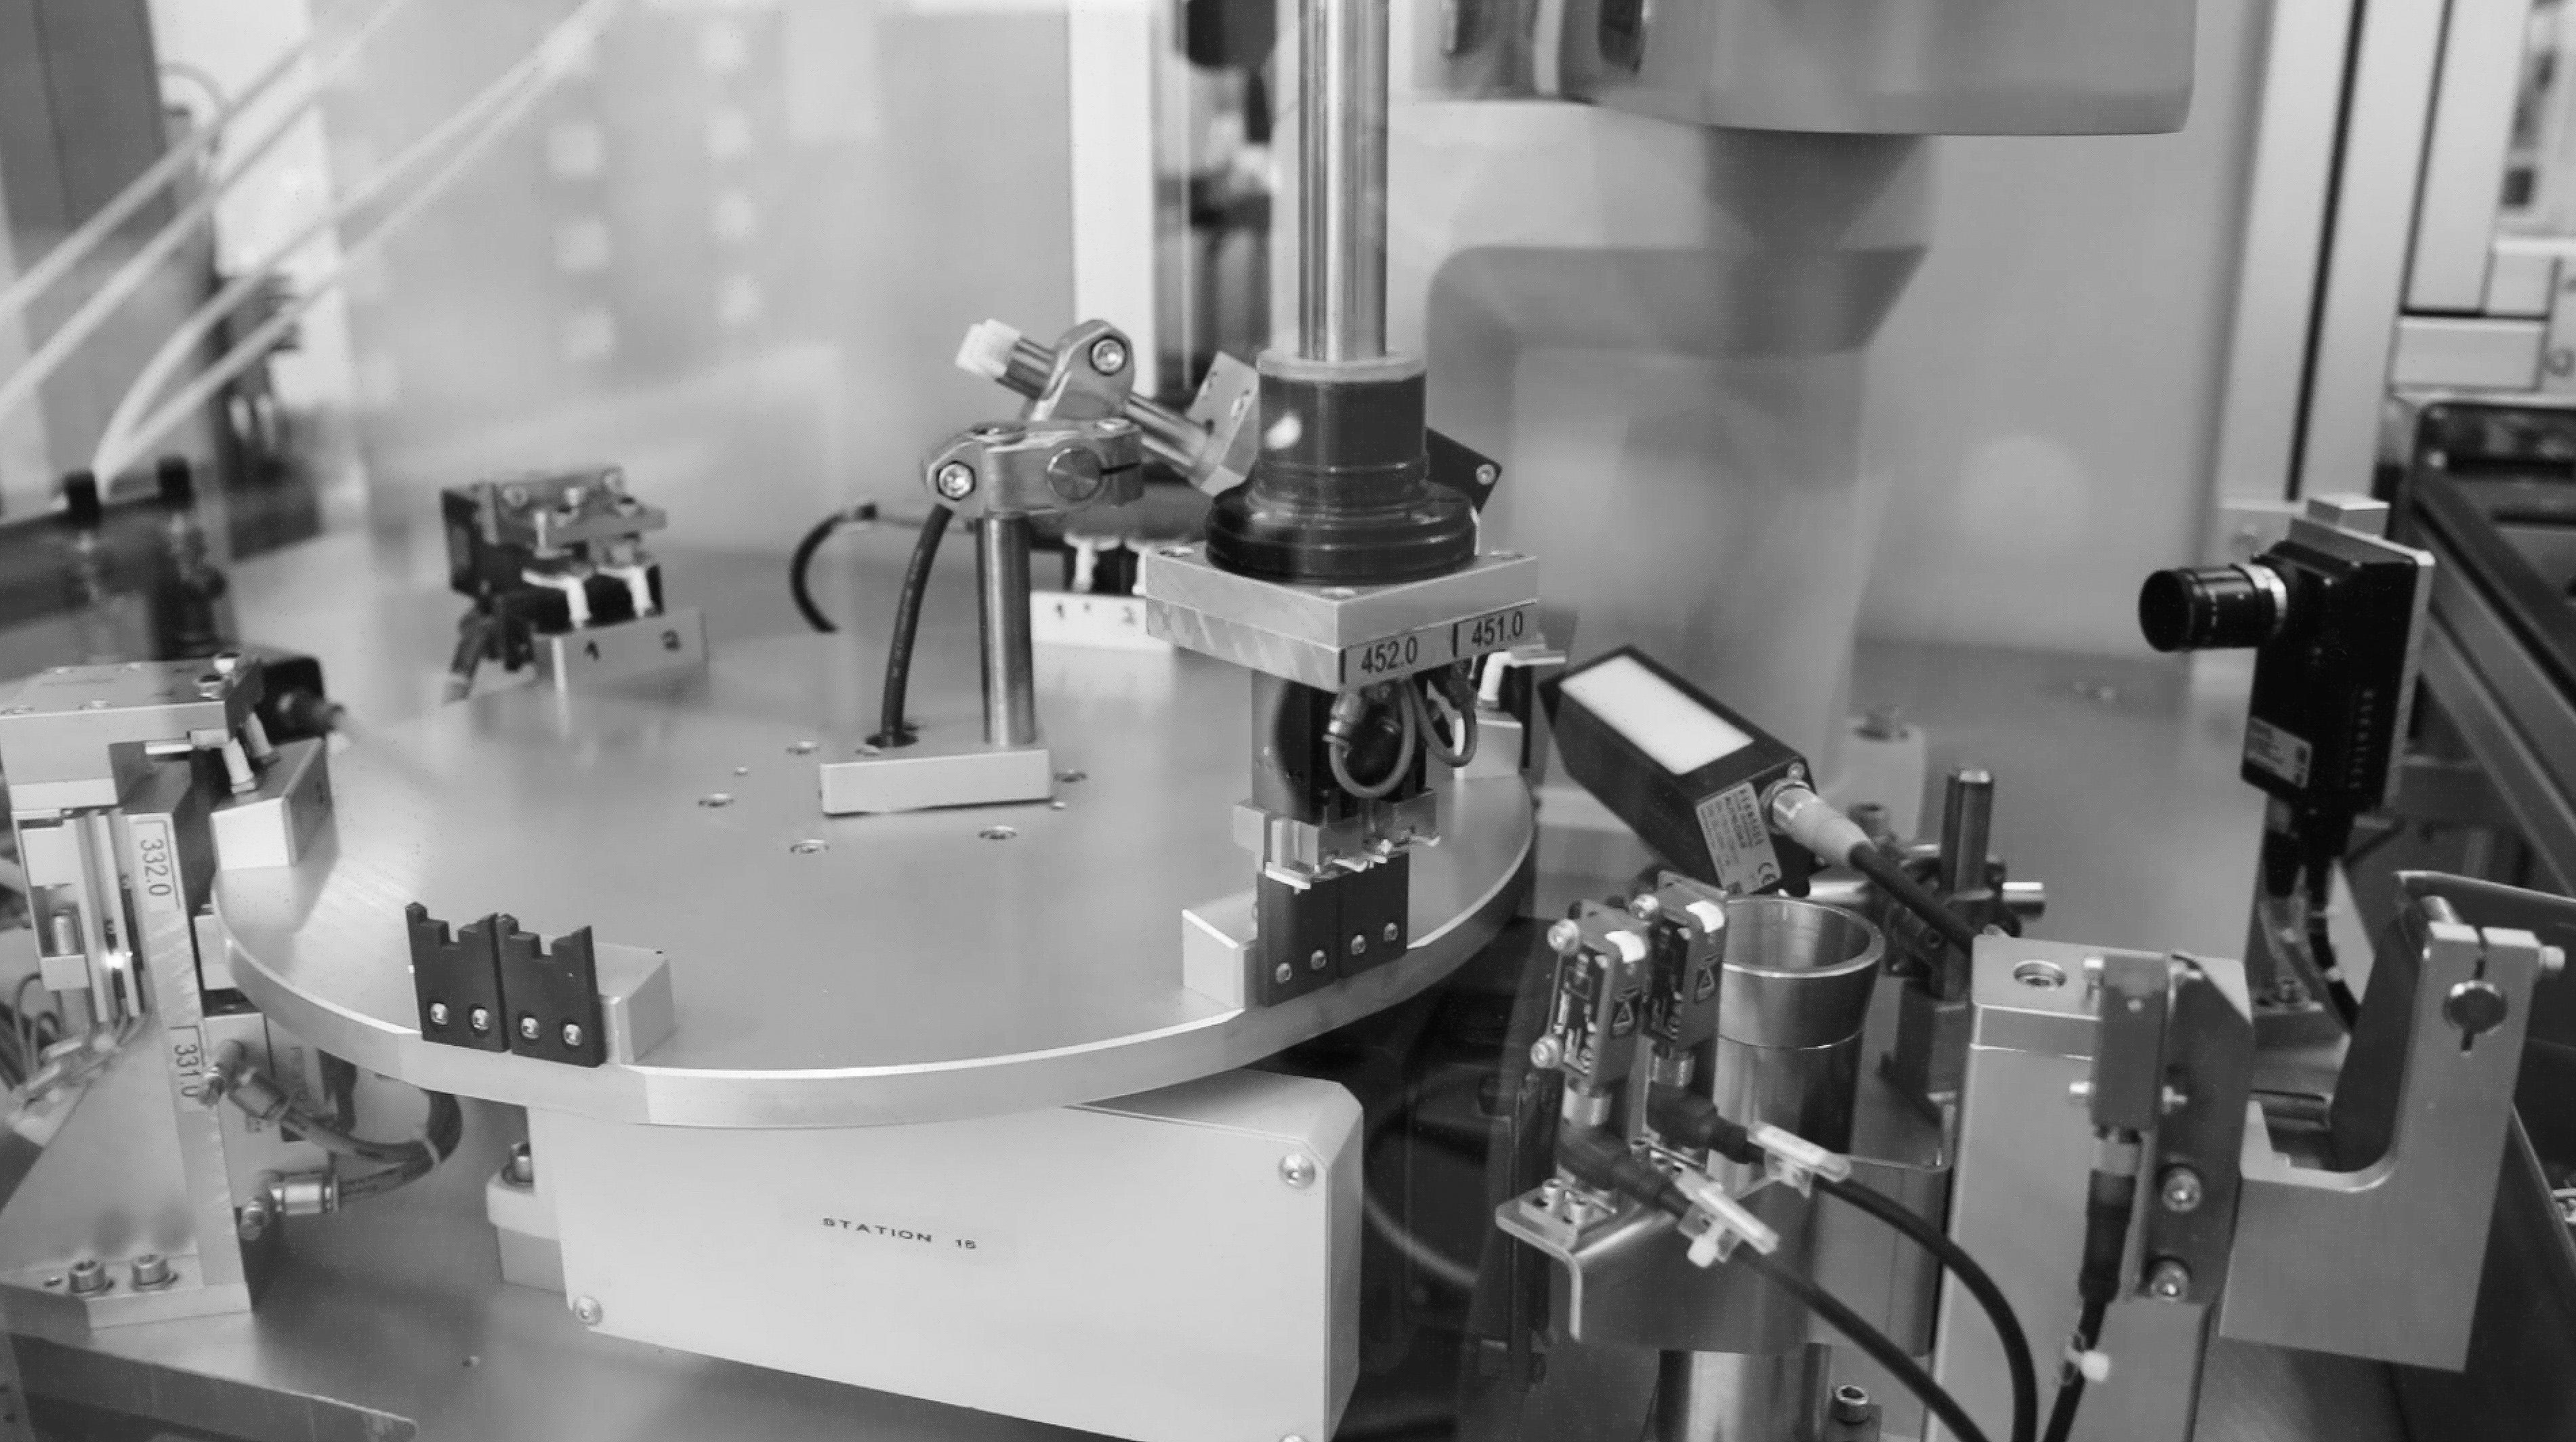 Industriefilm Produktion Hamburg / Imagefilmproduktion